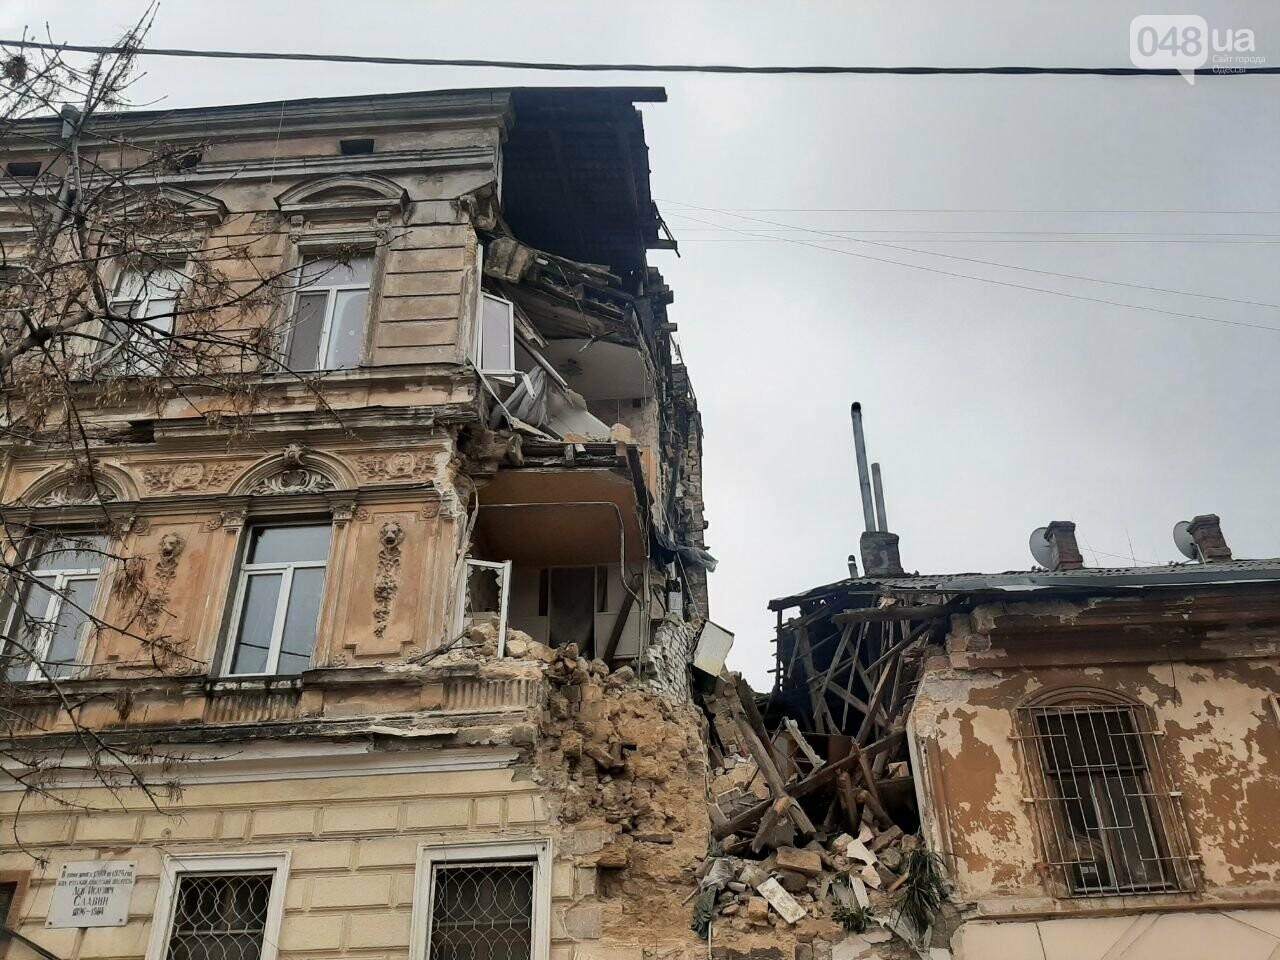 Обвал дома в Одессе: жильцы и горсовет рассказали подробности, - ФОТО, фото-3